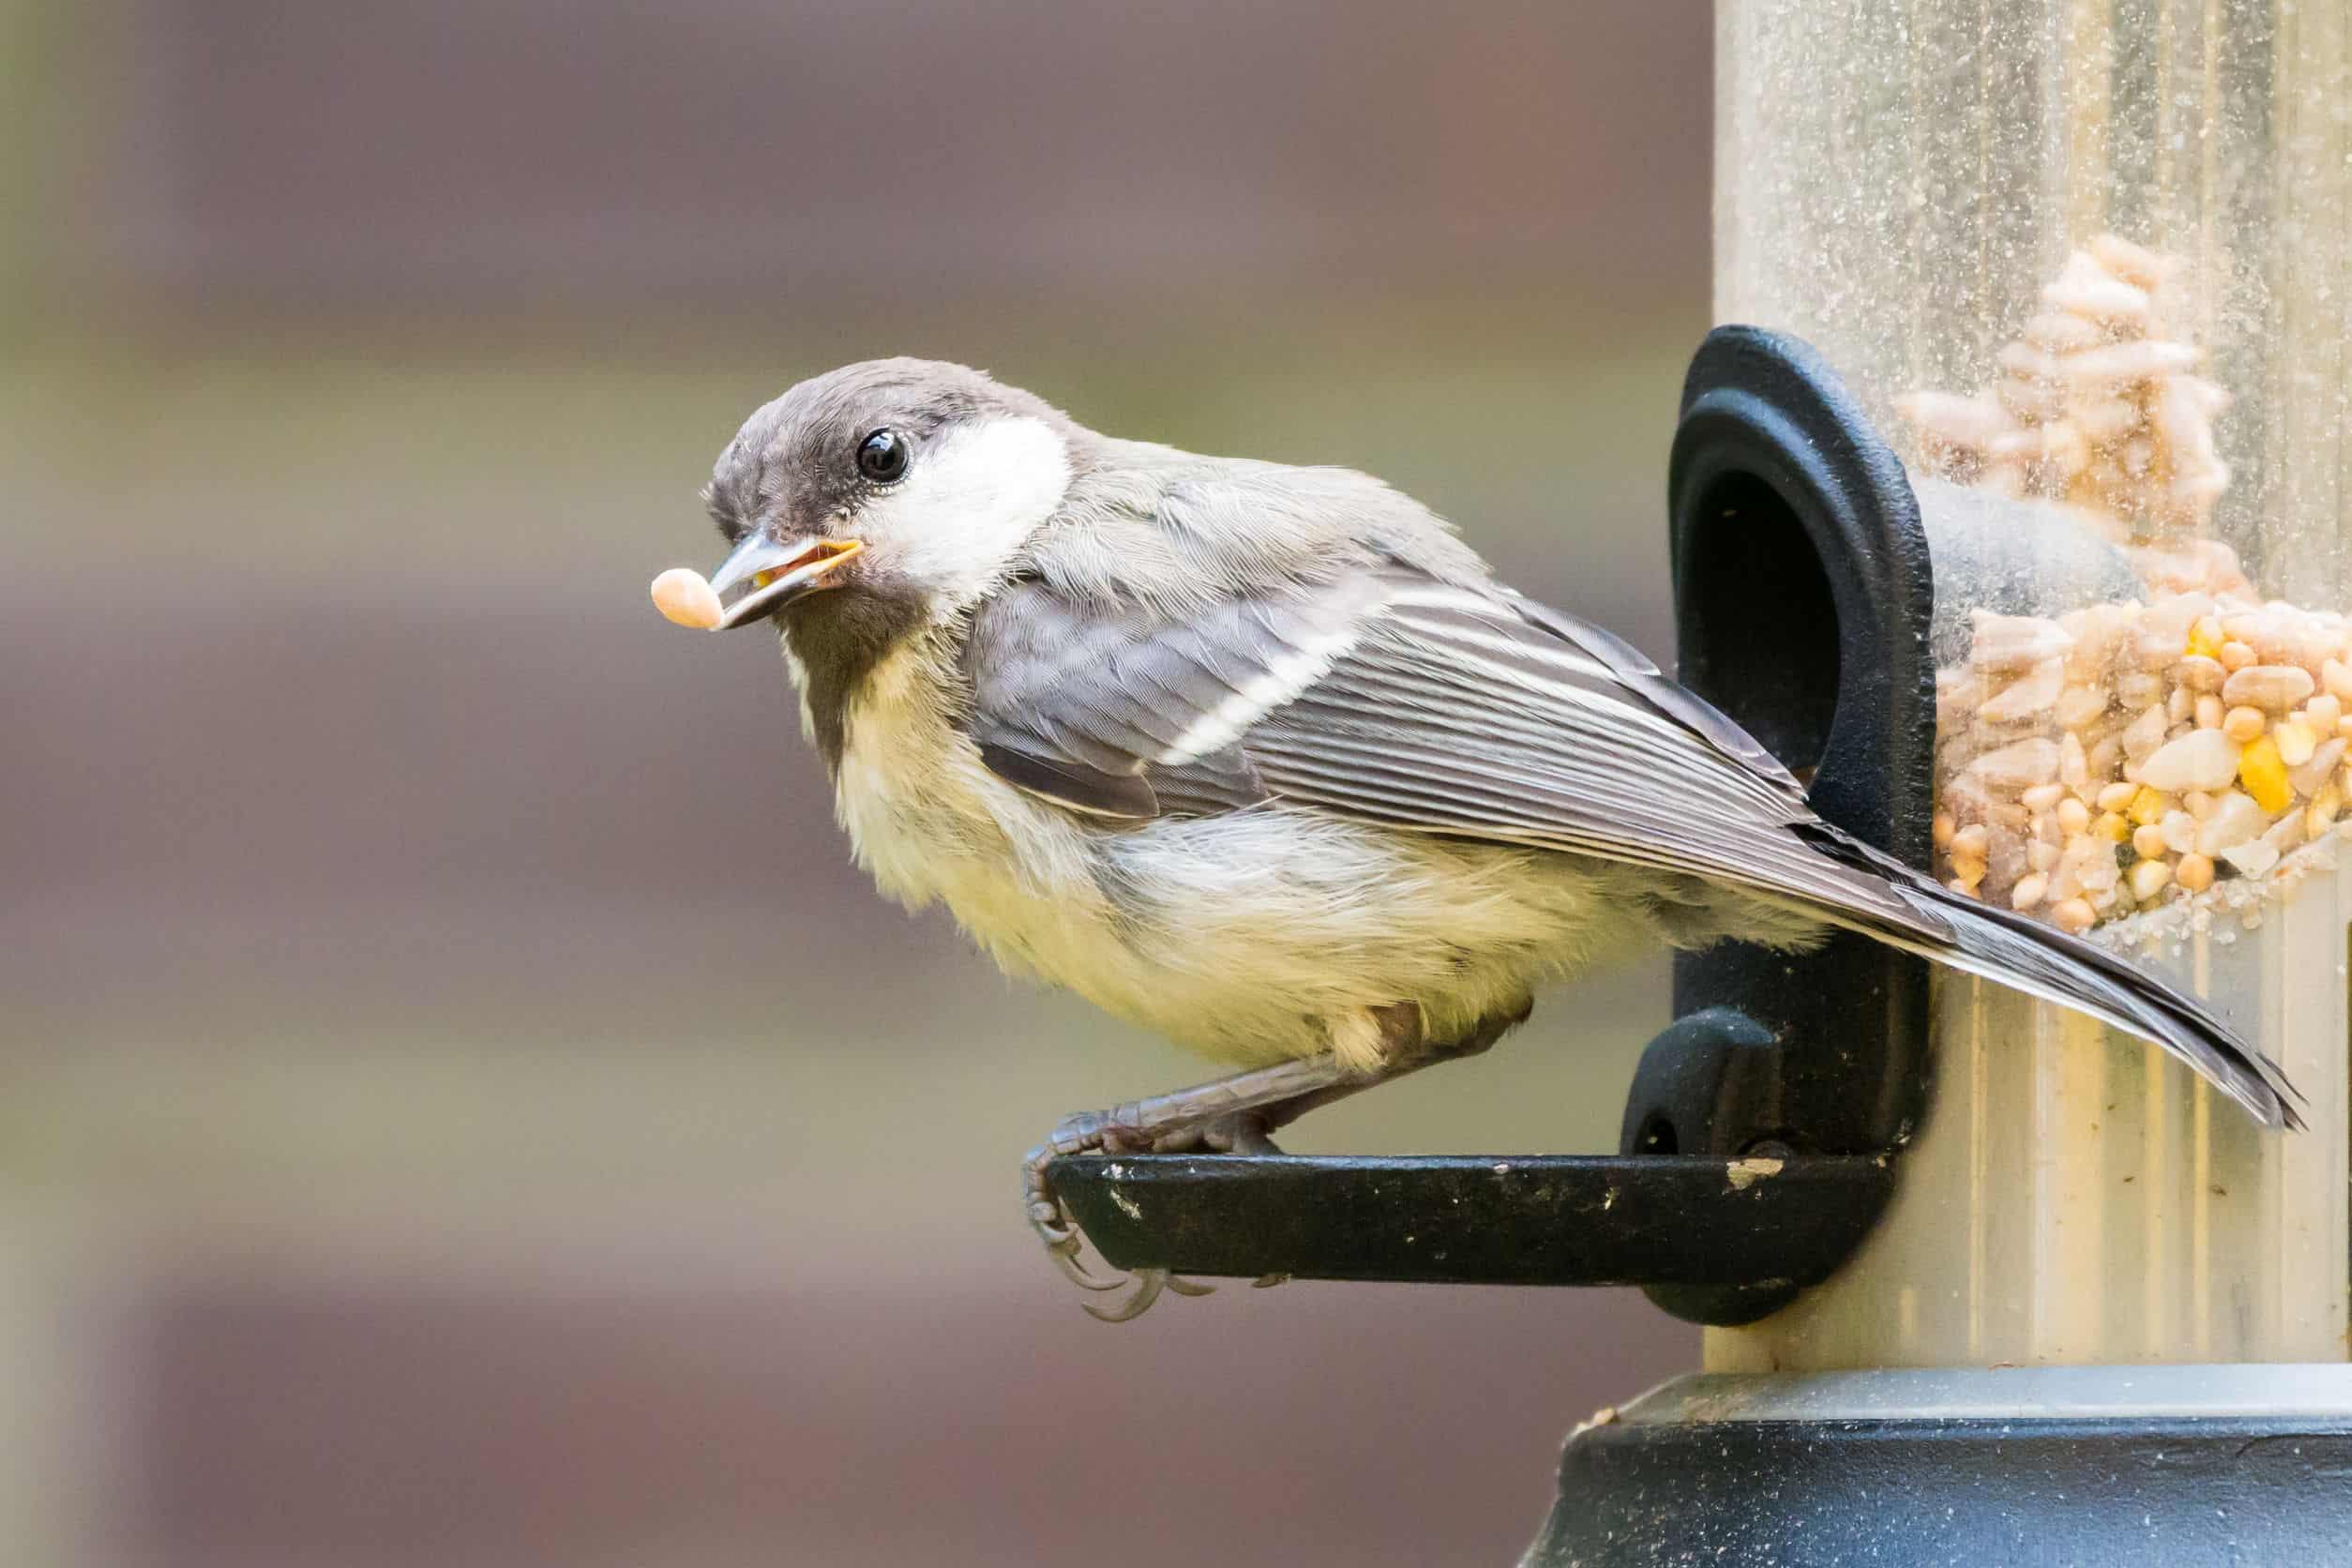 Vogelfutterspender: Test & Empfehlungen (05/21)